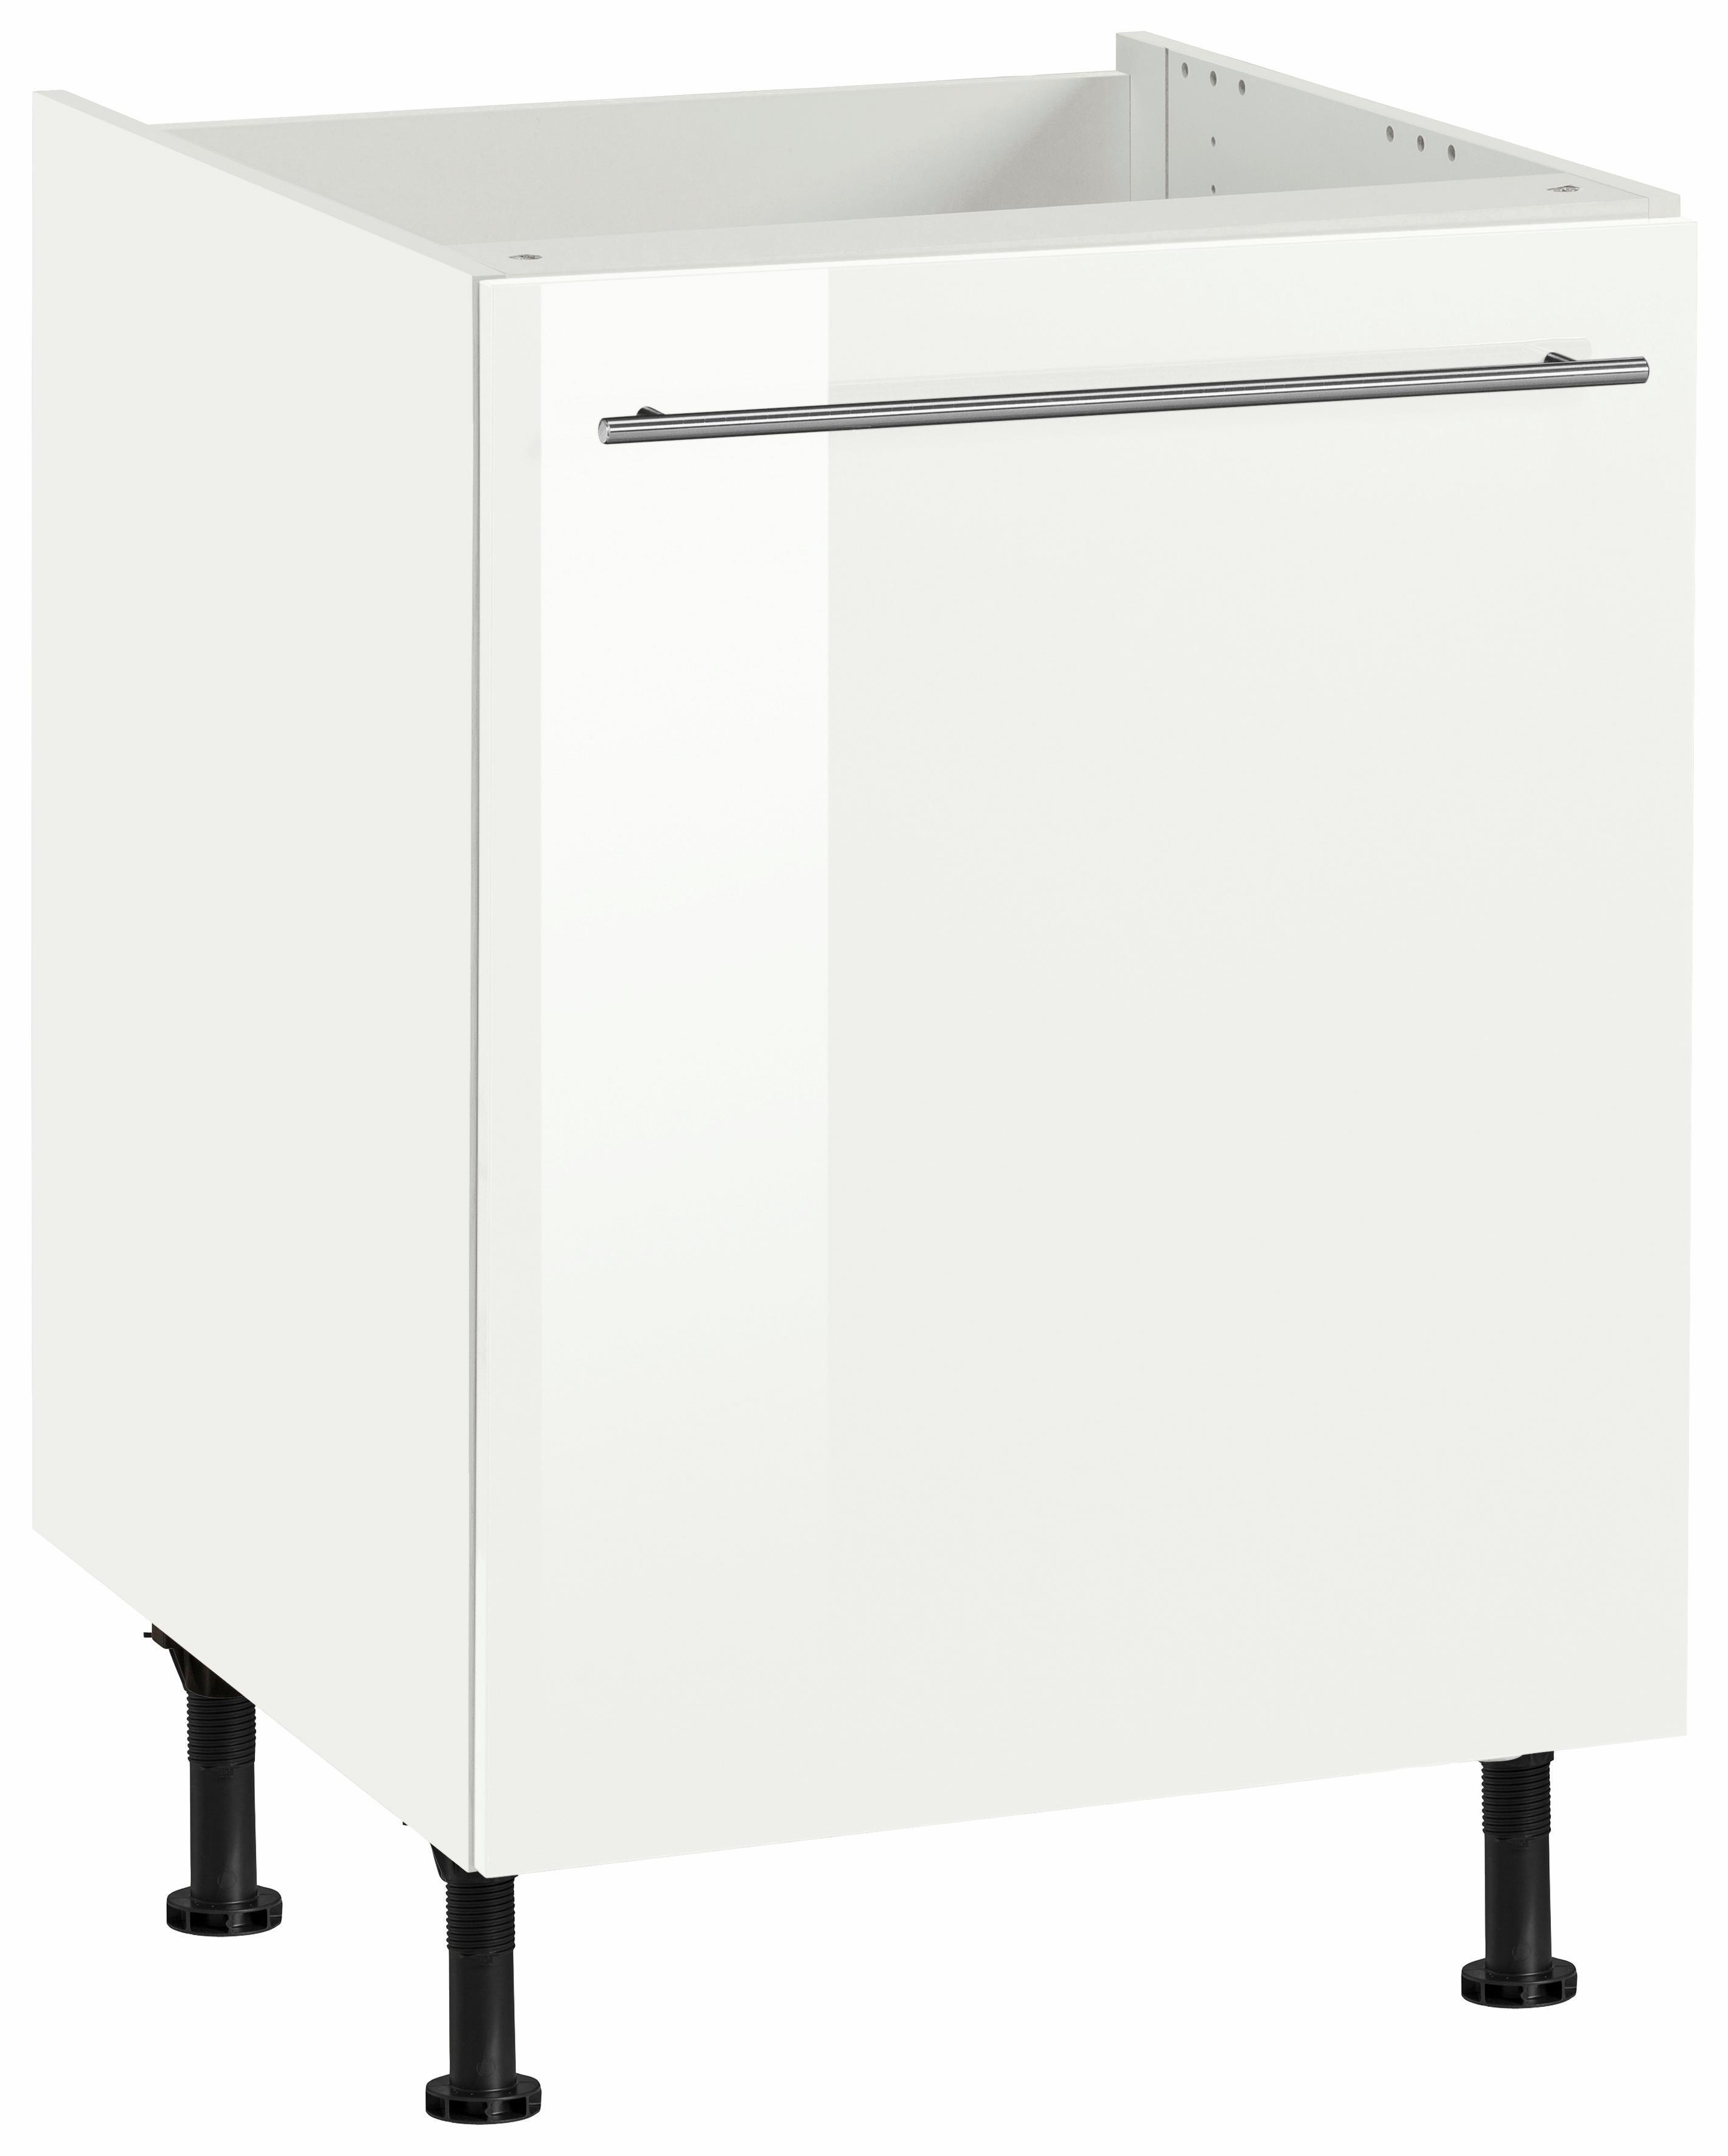 OPTIFIT Spülenschrank »Bern«, Breite 60 cm   Küche und Esszimmer > Küchenschränke > Spülenschränke   OPTIFIT